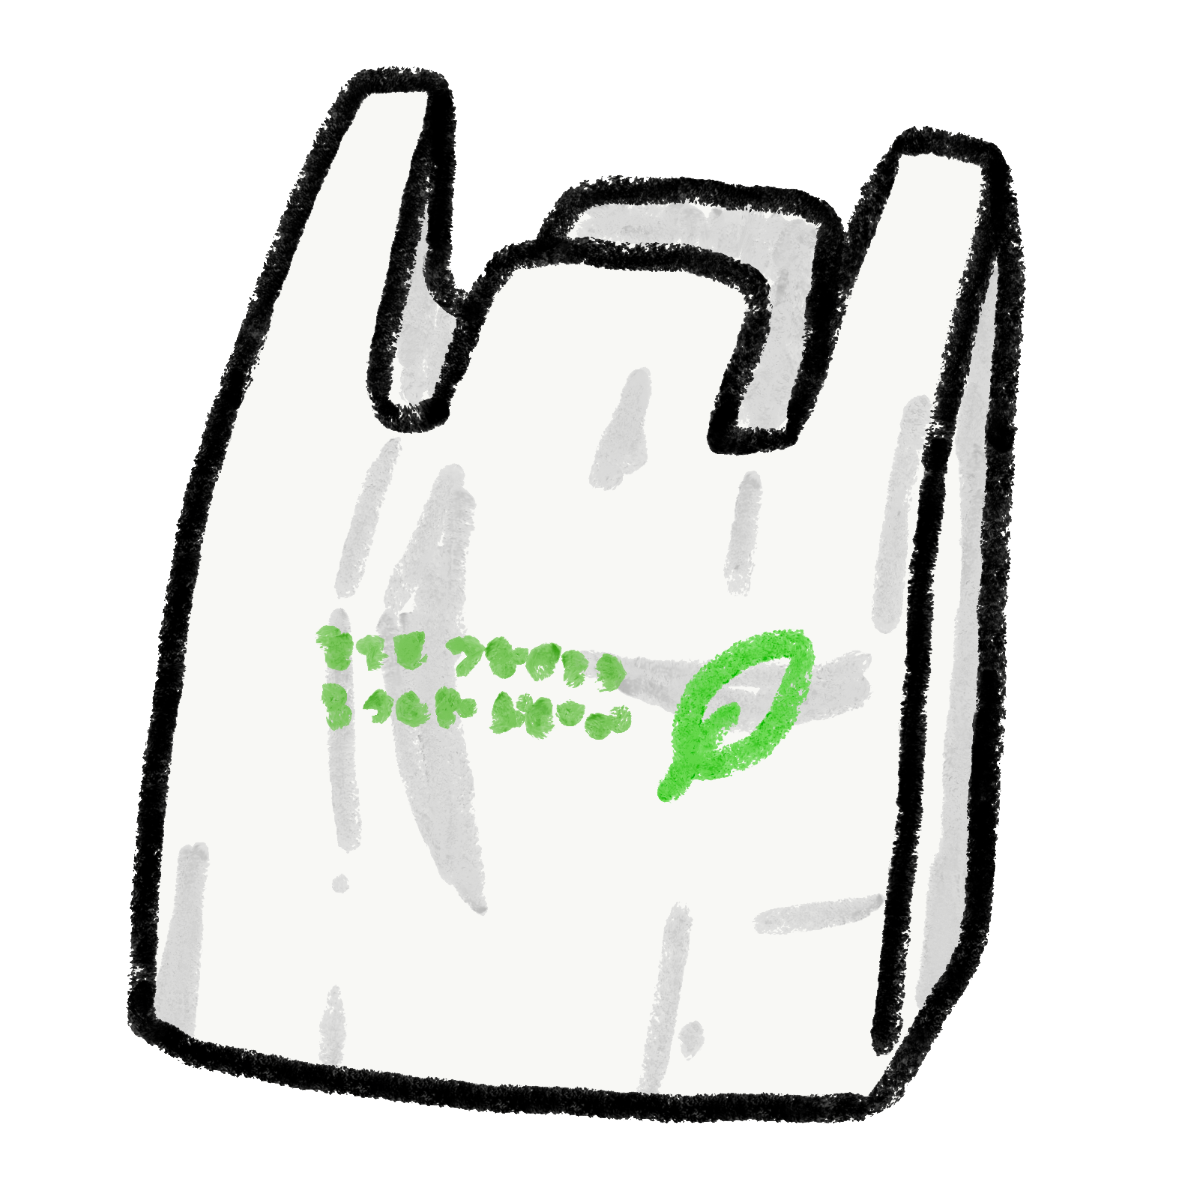 有料化されたビニール袋